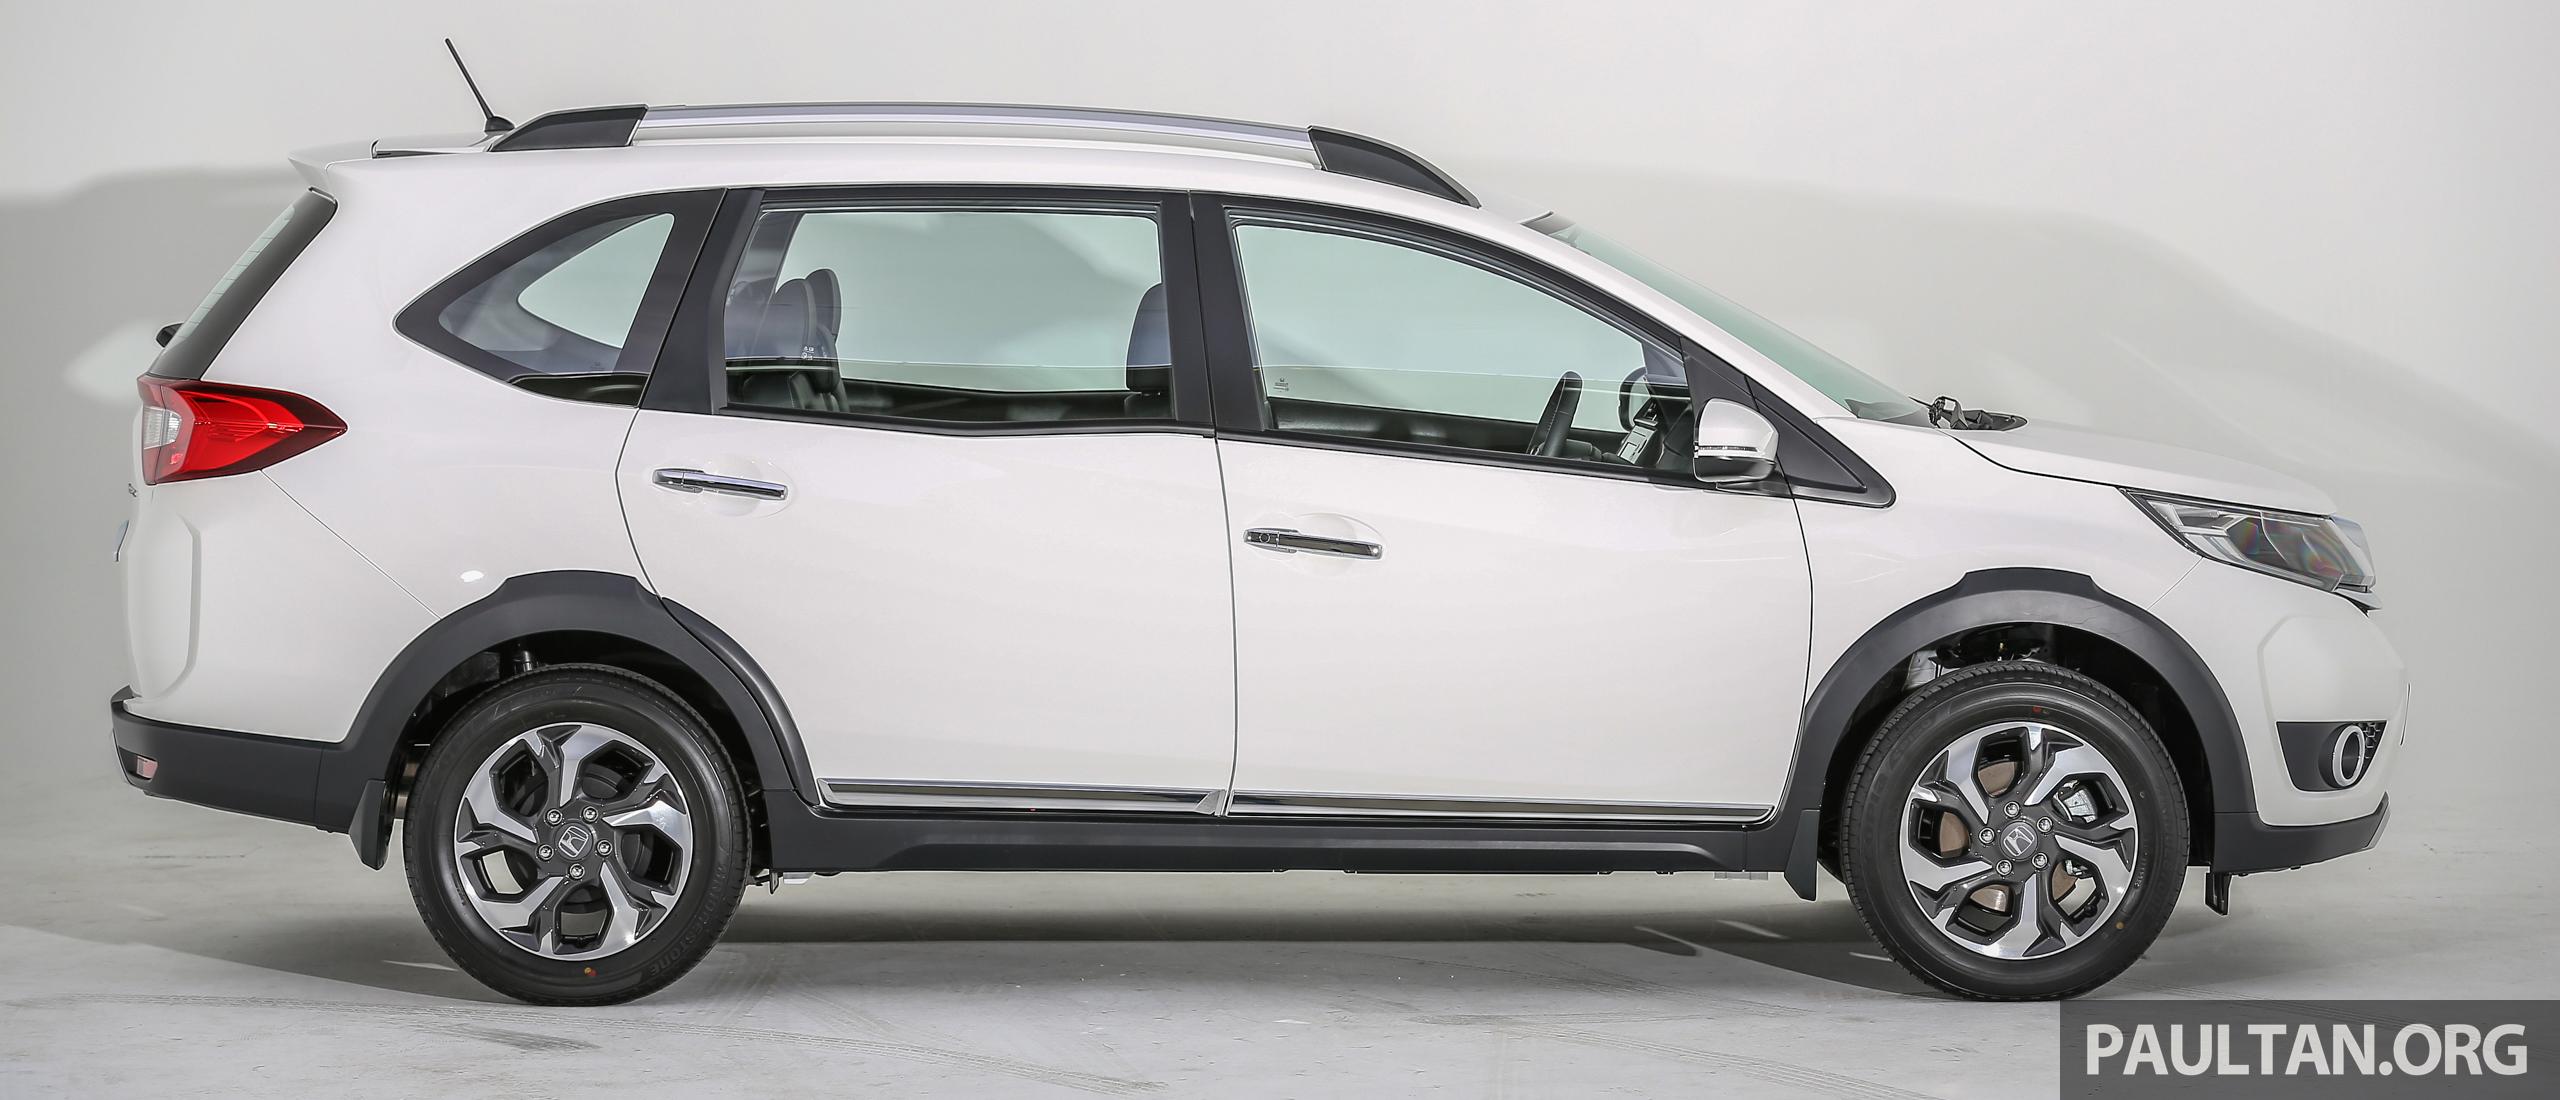 Honda >> 新车图集: Honda BR-V 1.5V,集SUV和MPV特点于一身。 Honda_BR-V_Ext-13 - Paul Tan 汽车资讯网